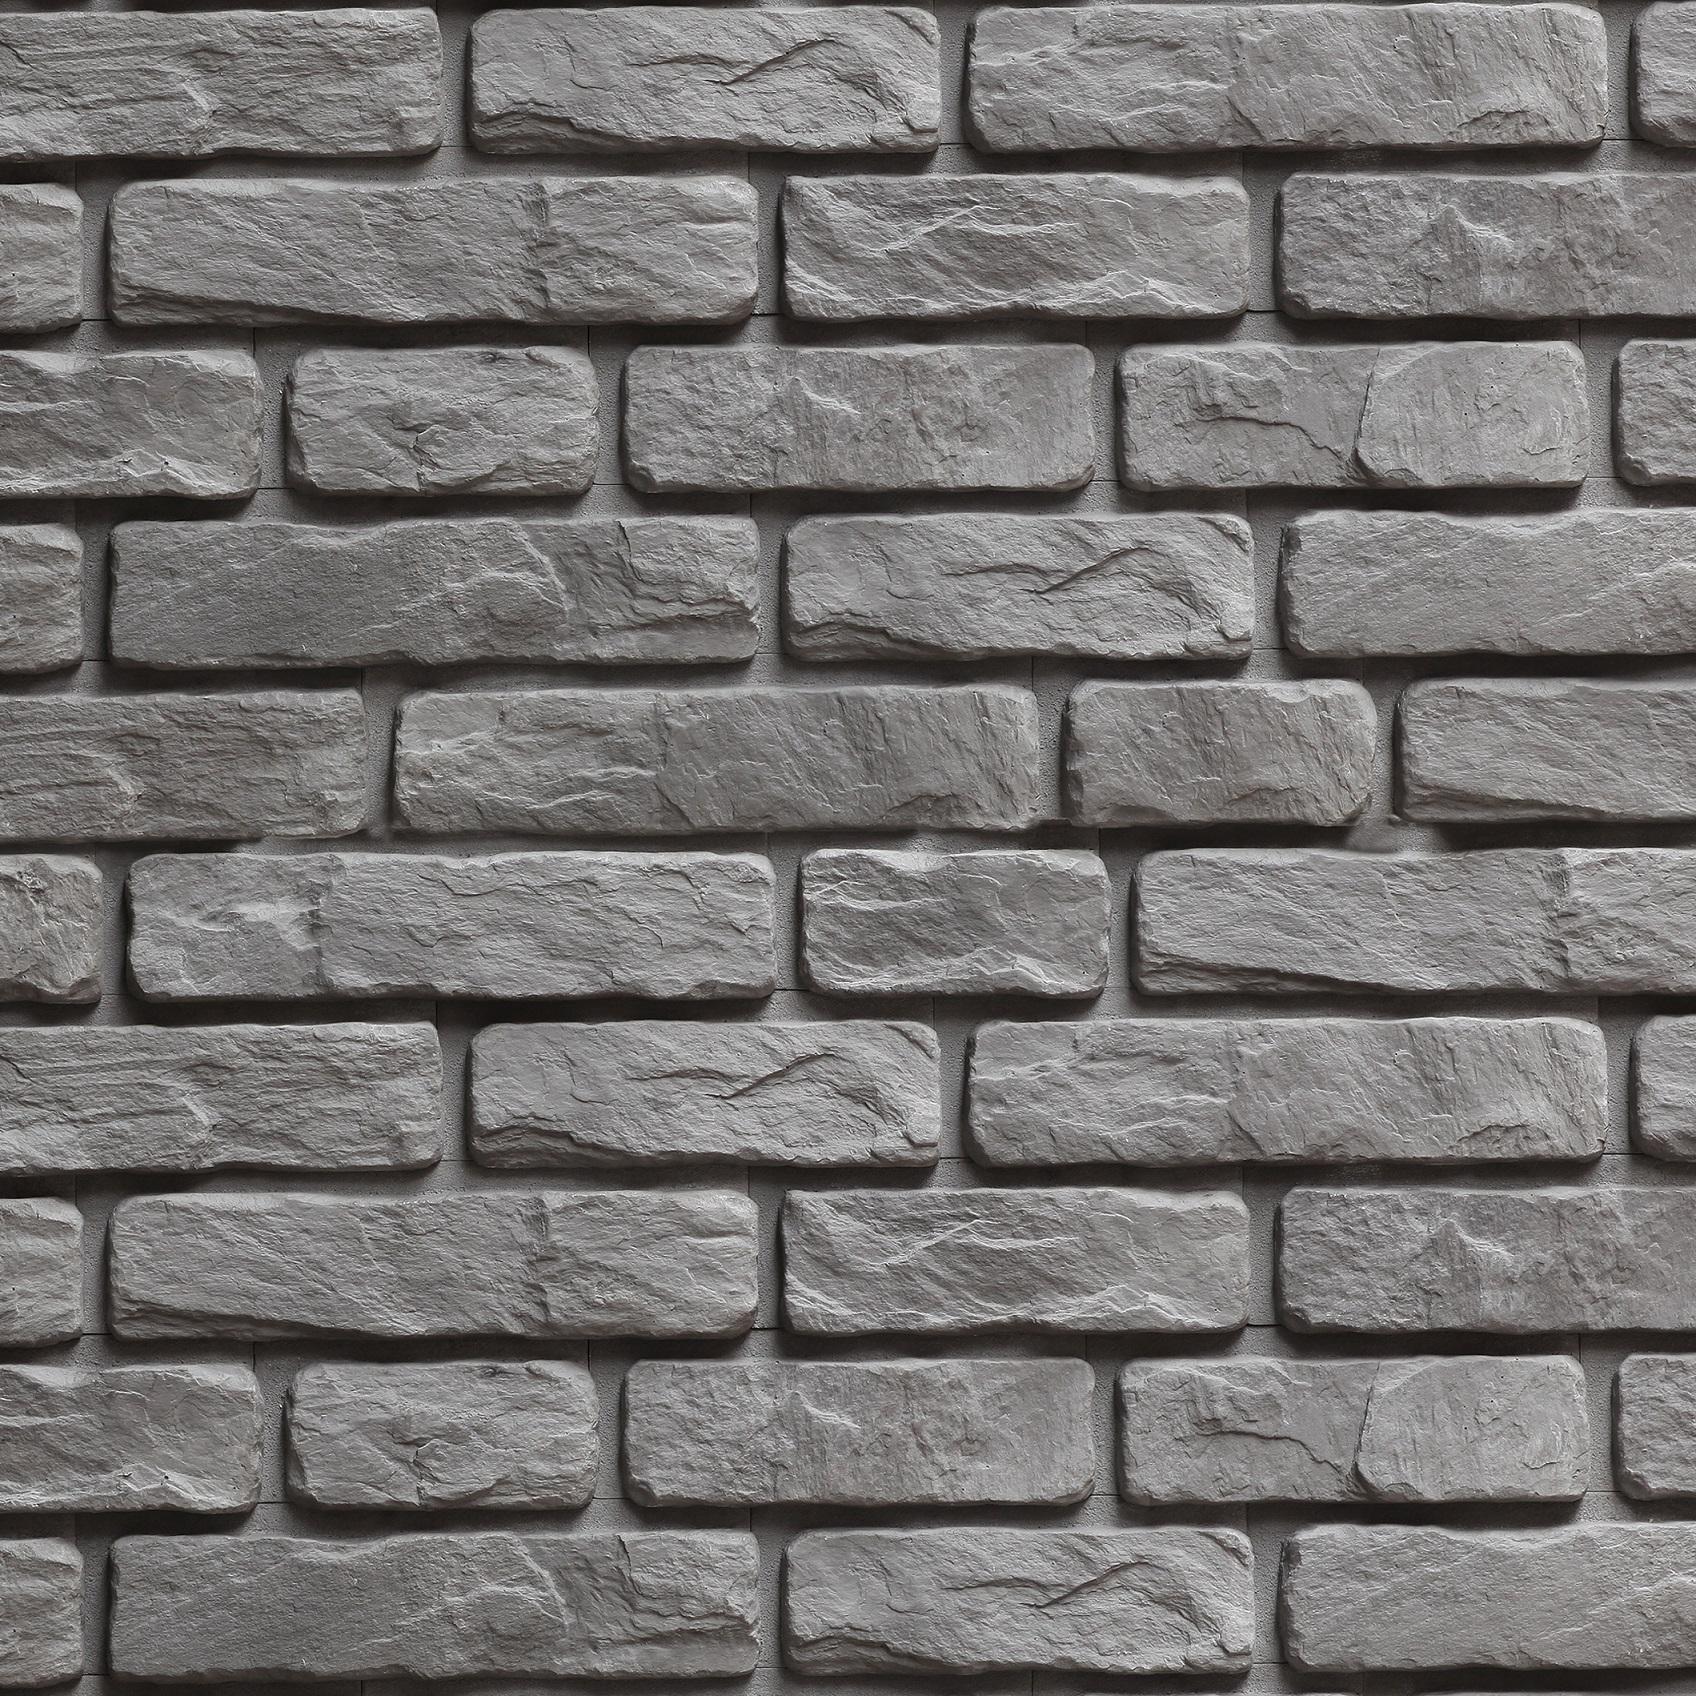 Harvard Płytka Hd1 Kamień Dekoracyjny Gipsowy Max Stone Gat I